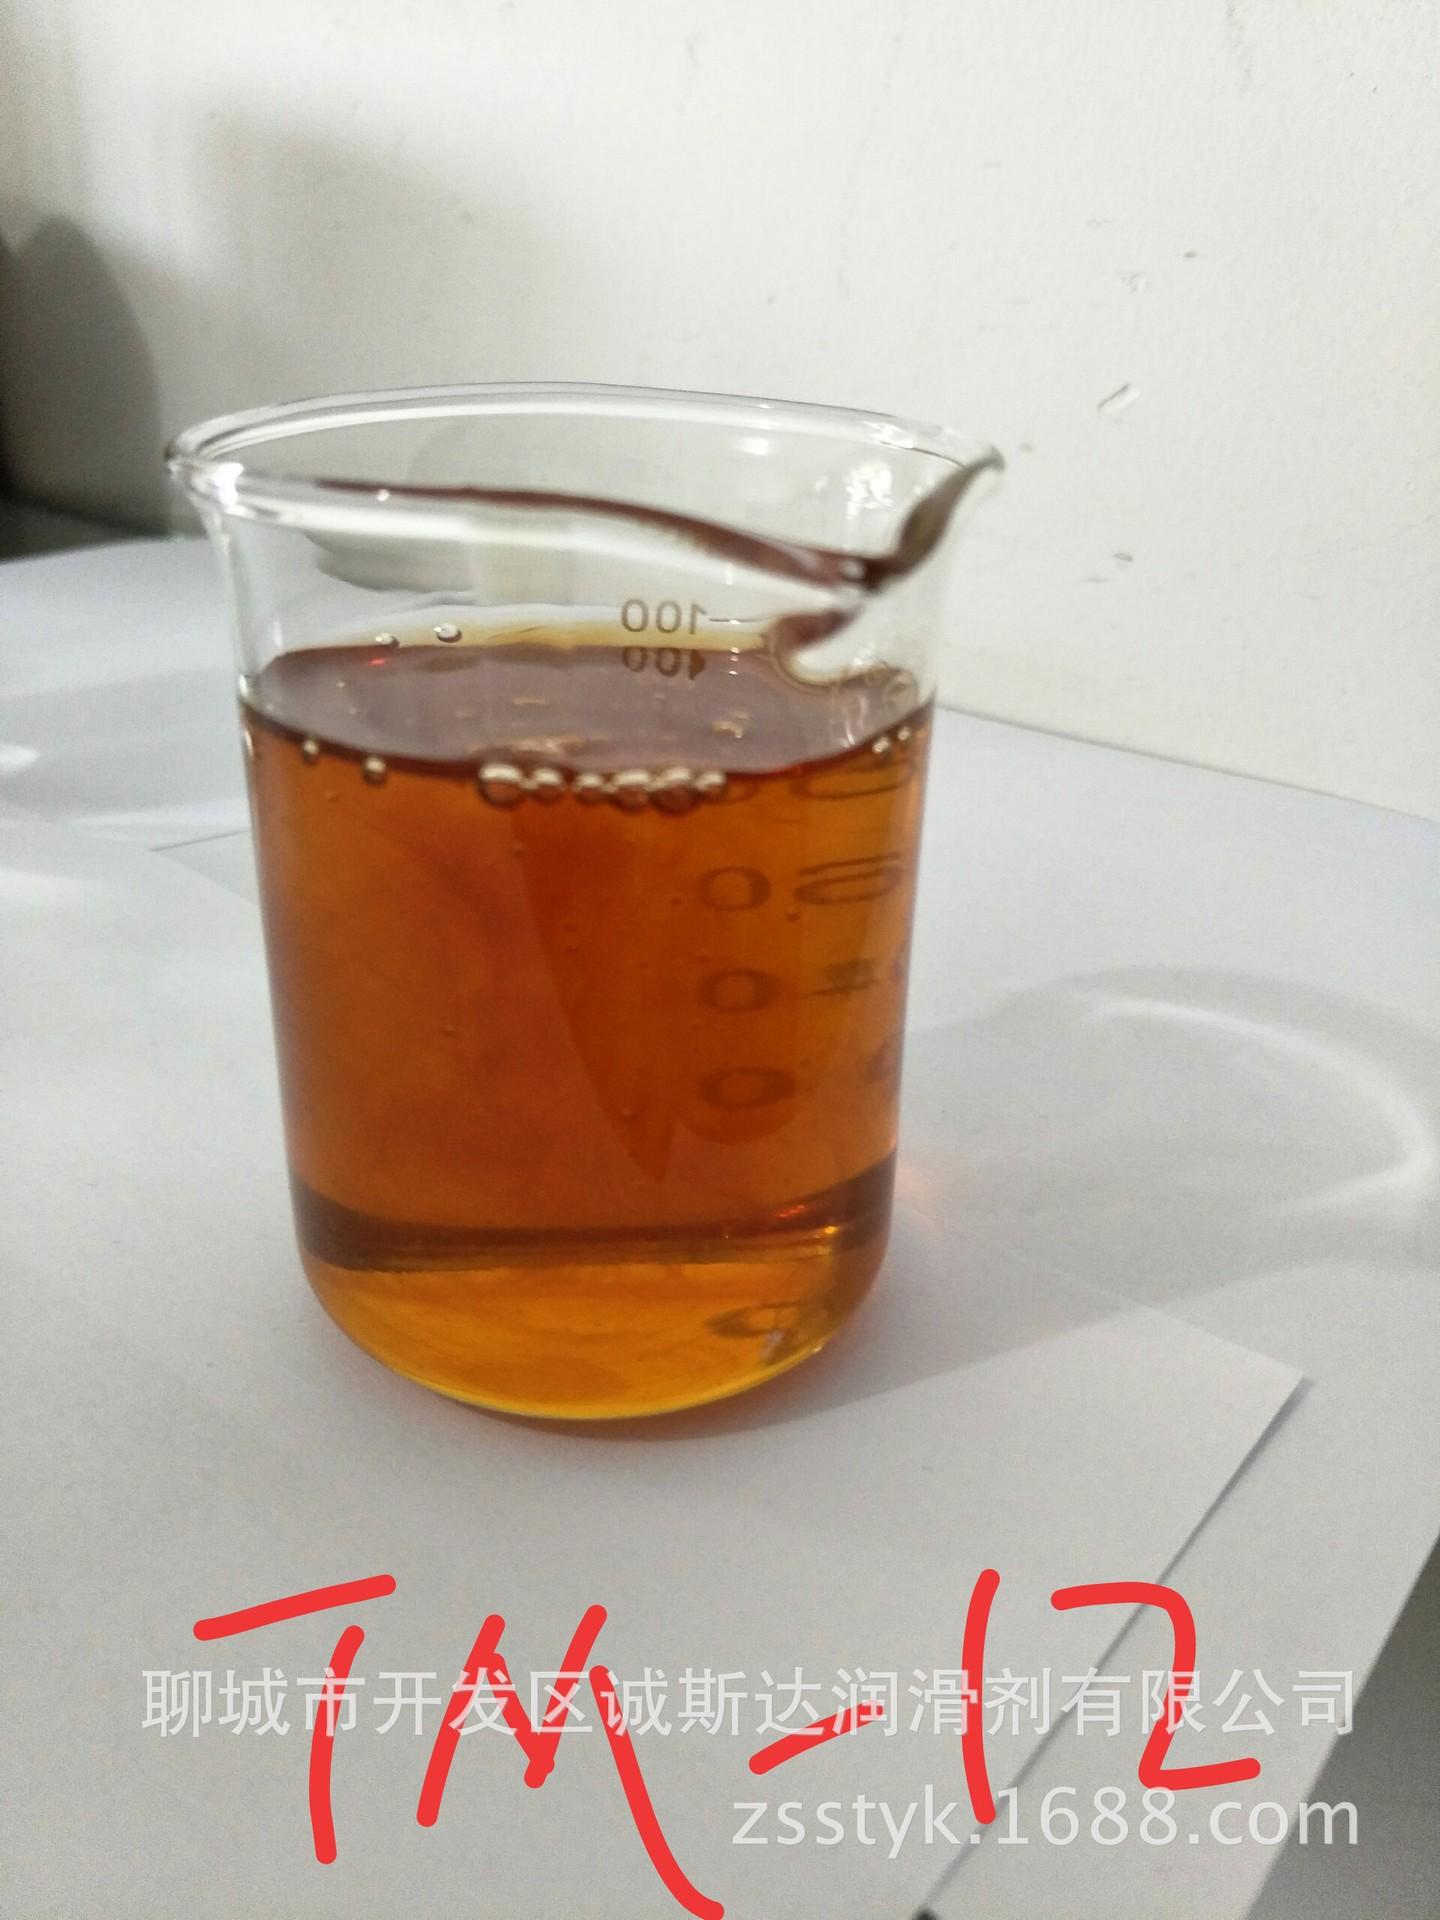 Nước dựa trên nhị phân, polycarboxylic acid dẫn xuất chất ức chế gỉ